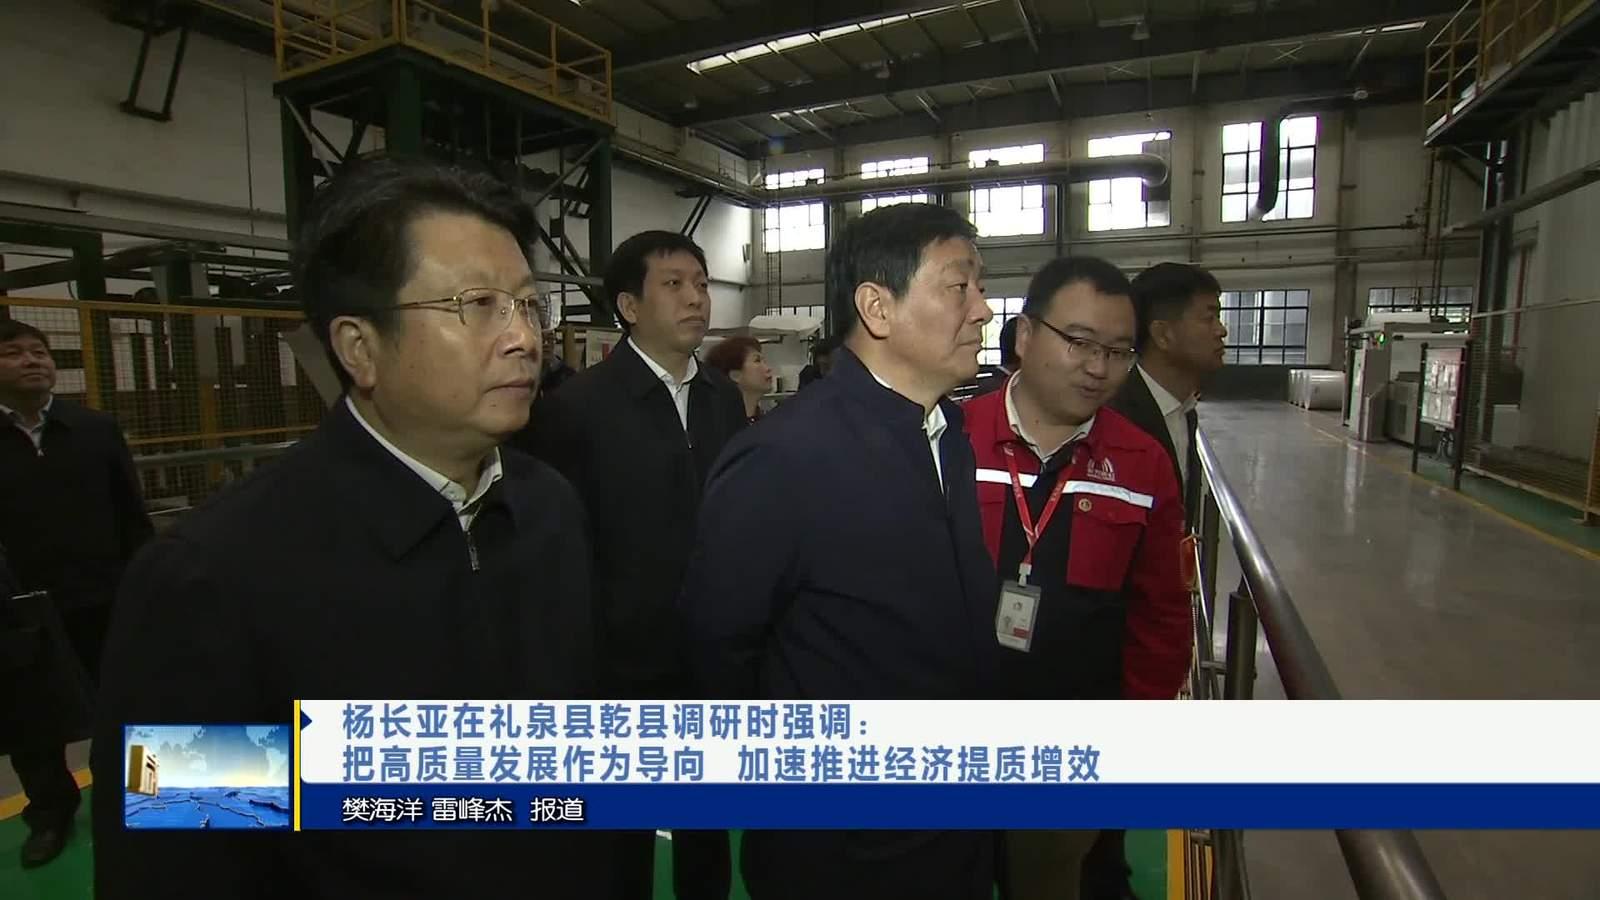 杨长亚在礼泉县乾县调研时强调:把高质量发展作为导向加速推进经济提质